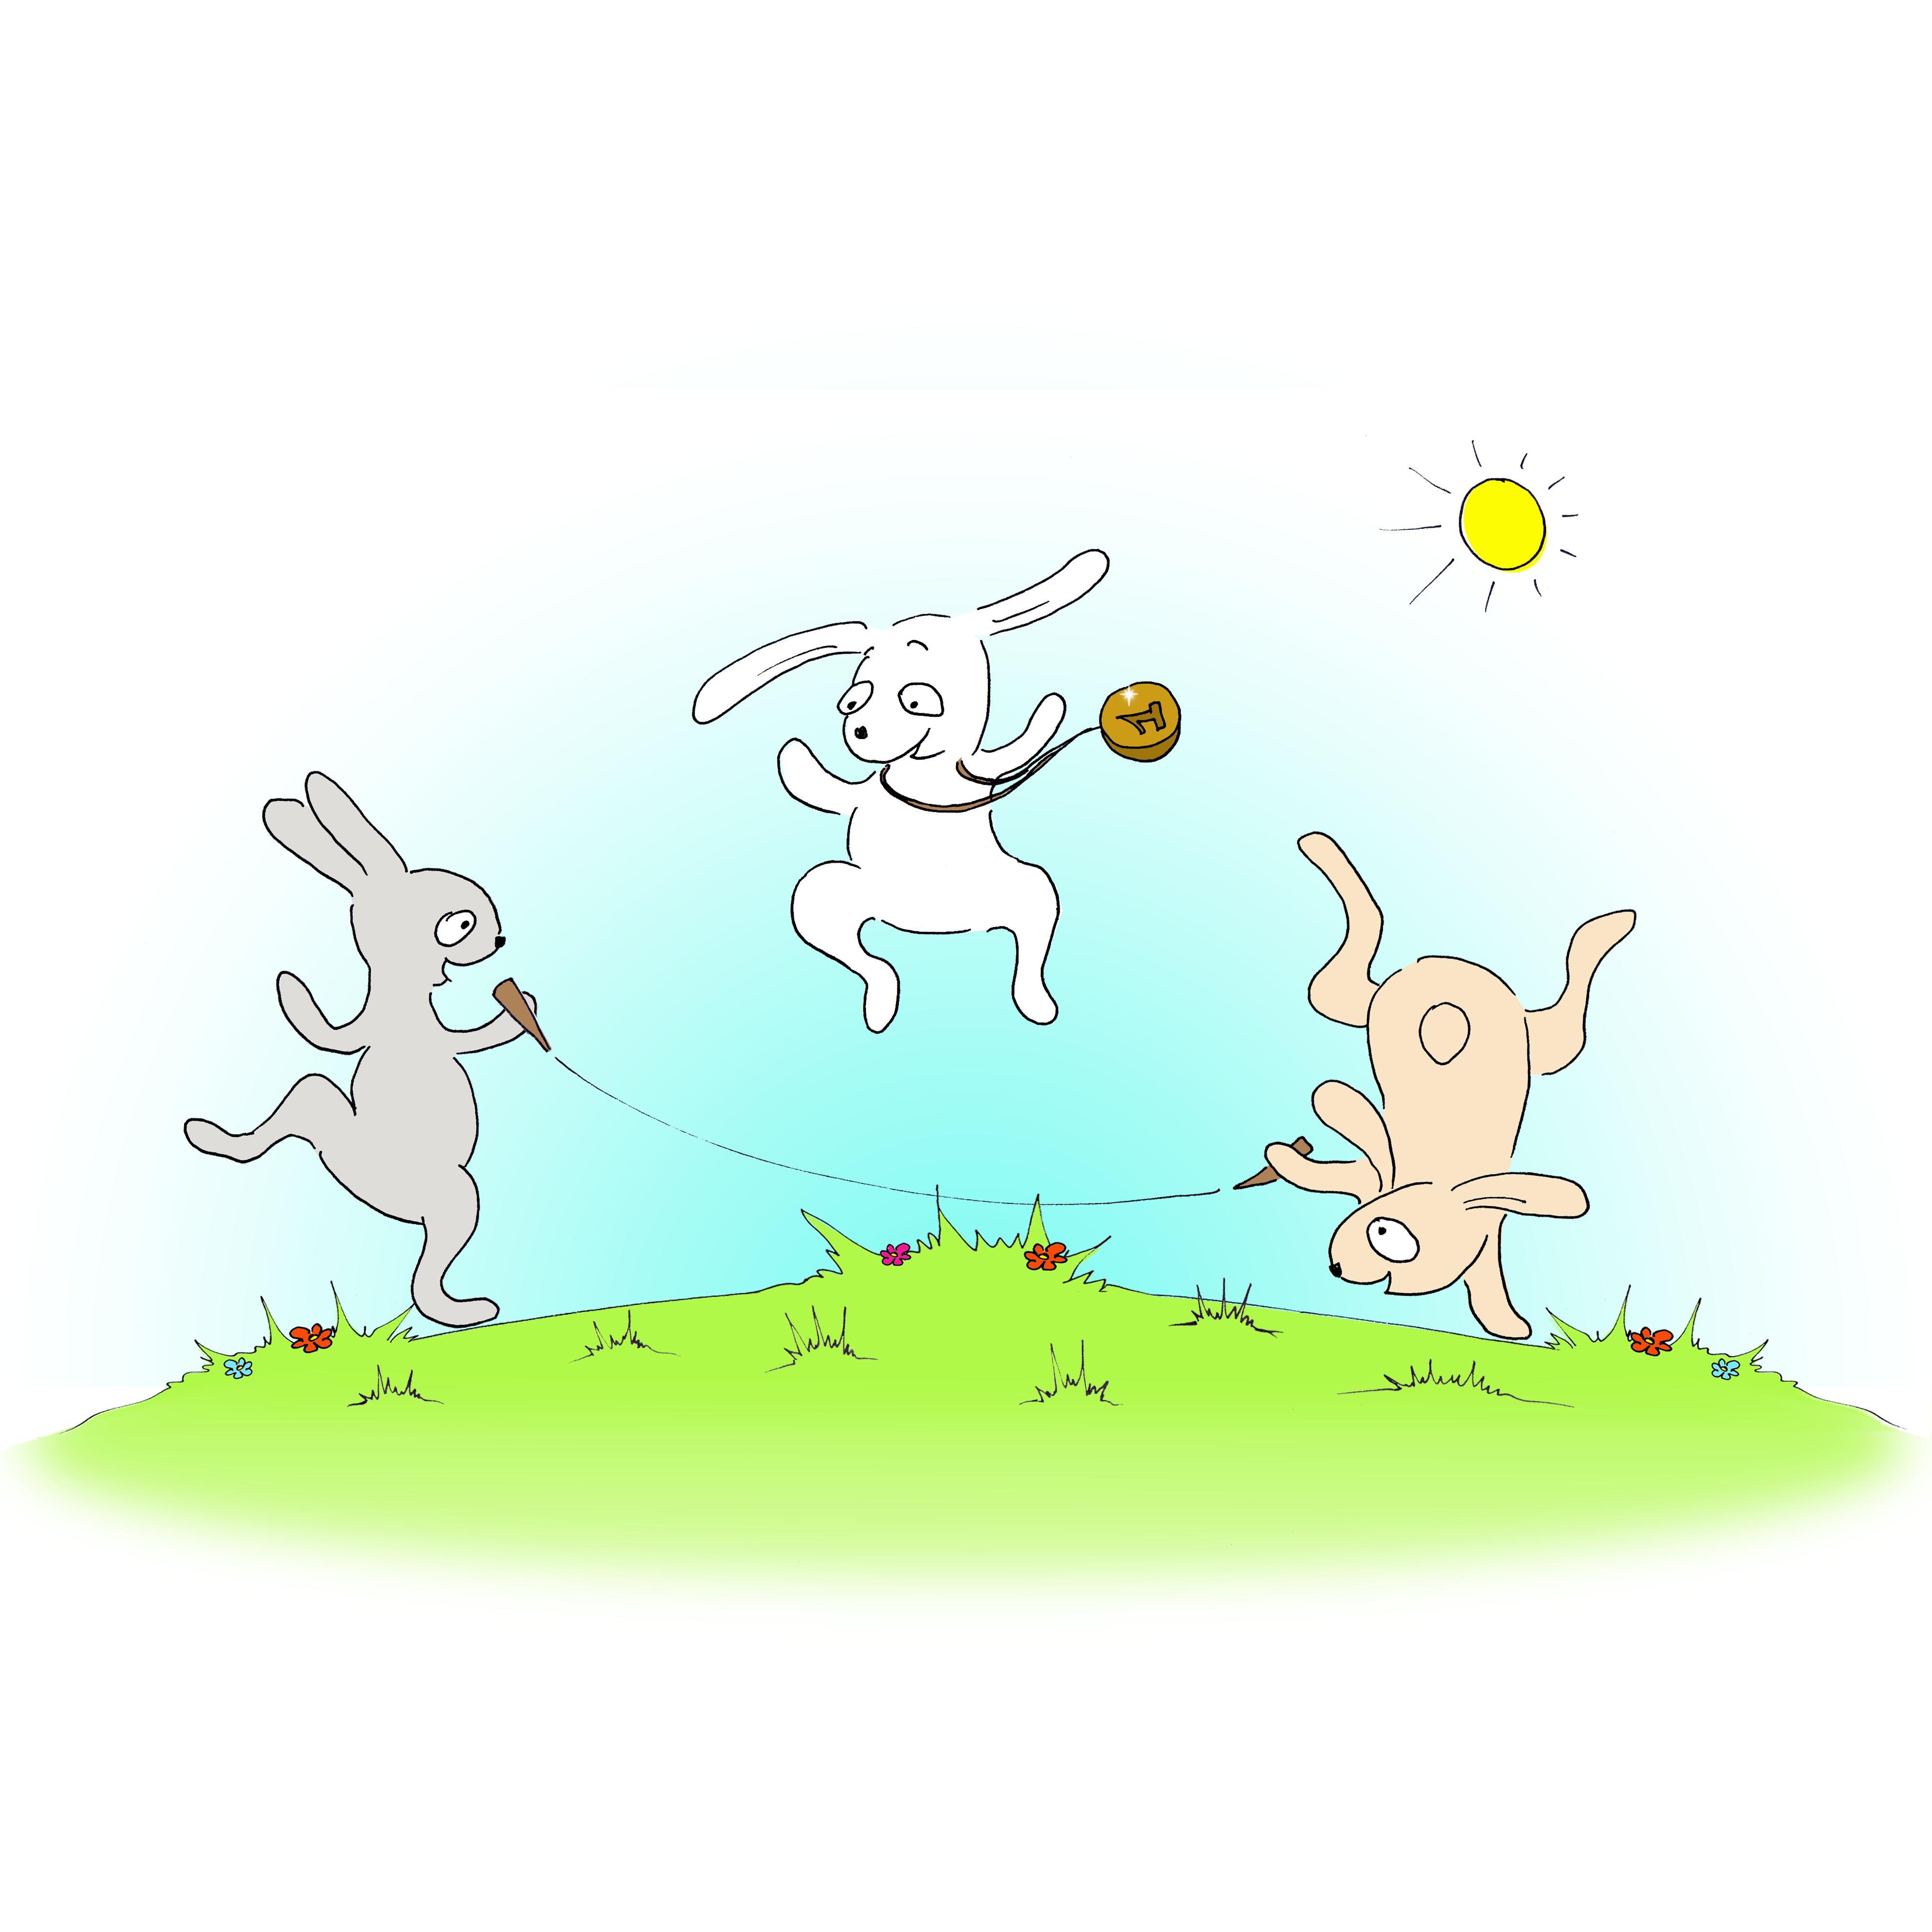 קפיצי ופצפוץ- סיפור על אח מיוחד מאת: קטיה לויצקי ויפעת שוסטר by Ifat Shuster - Illustrated by Irena Brodeski - Ourboox.com